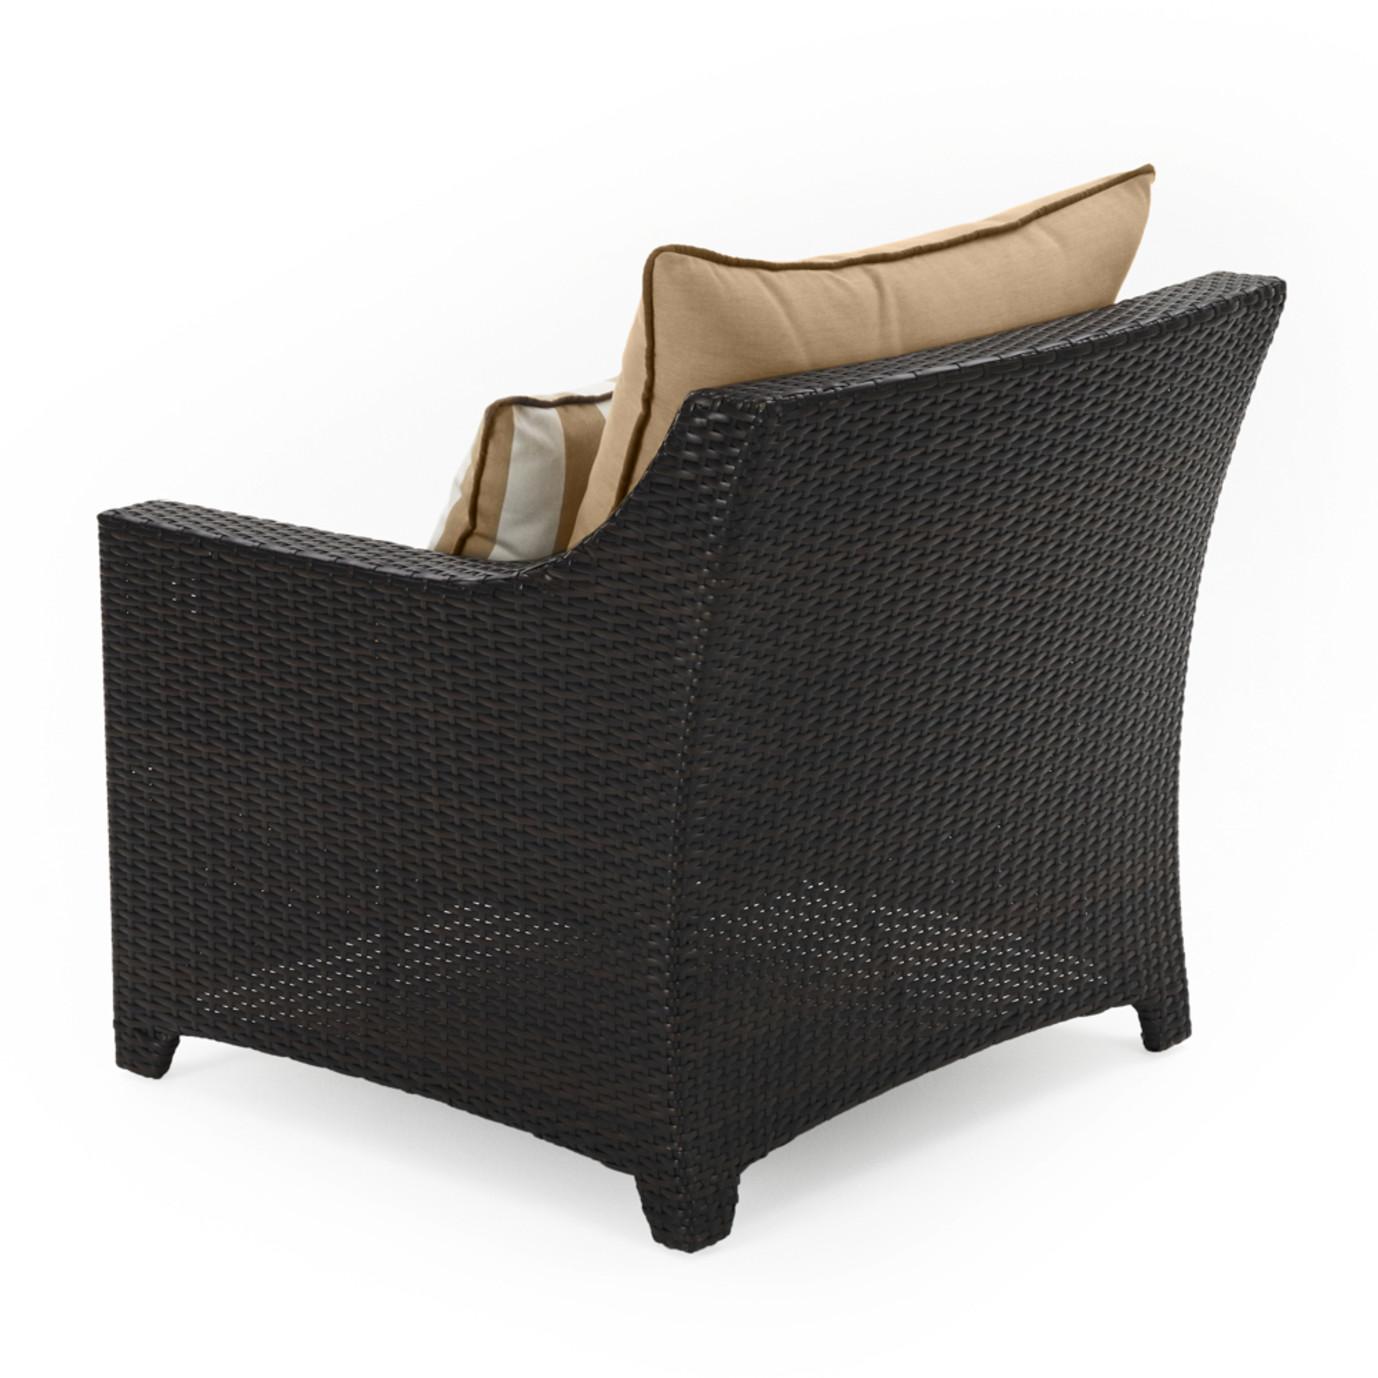 Deco™ 5pc Club Chair & Ottoman Set - Maxim Beige